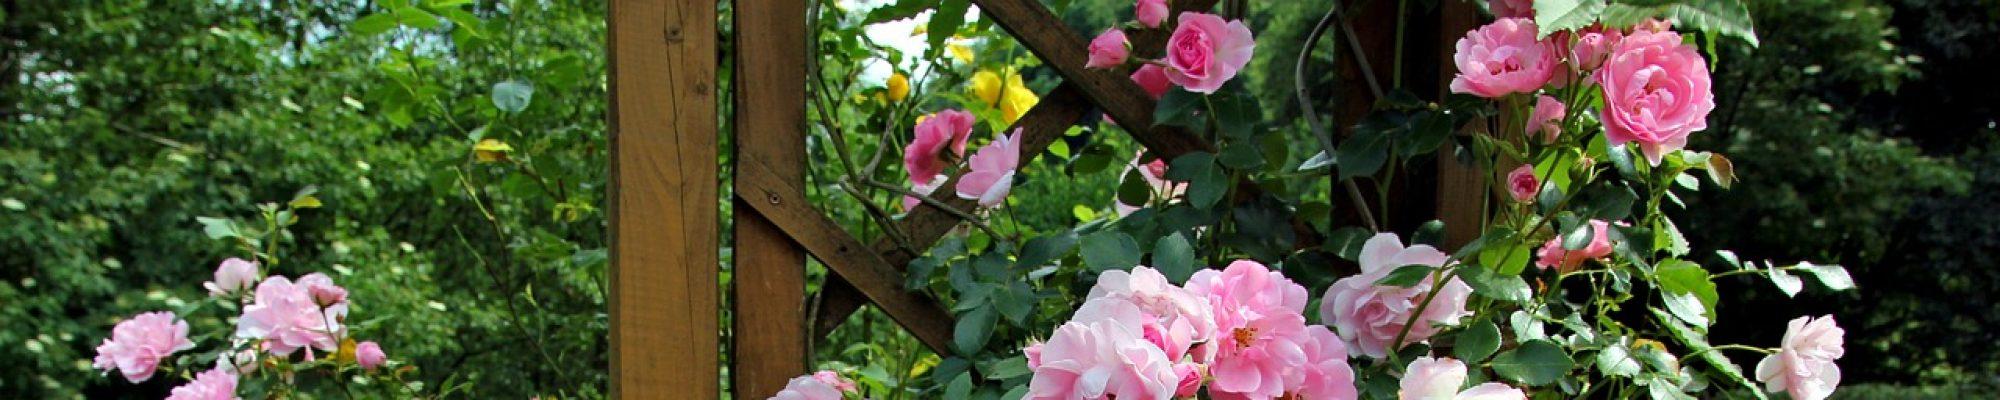 Comment Aménager Son Jardin En Pente conseils et recommandations pour l'aménagement d'un jardin